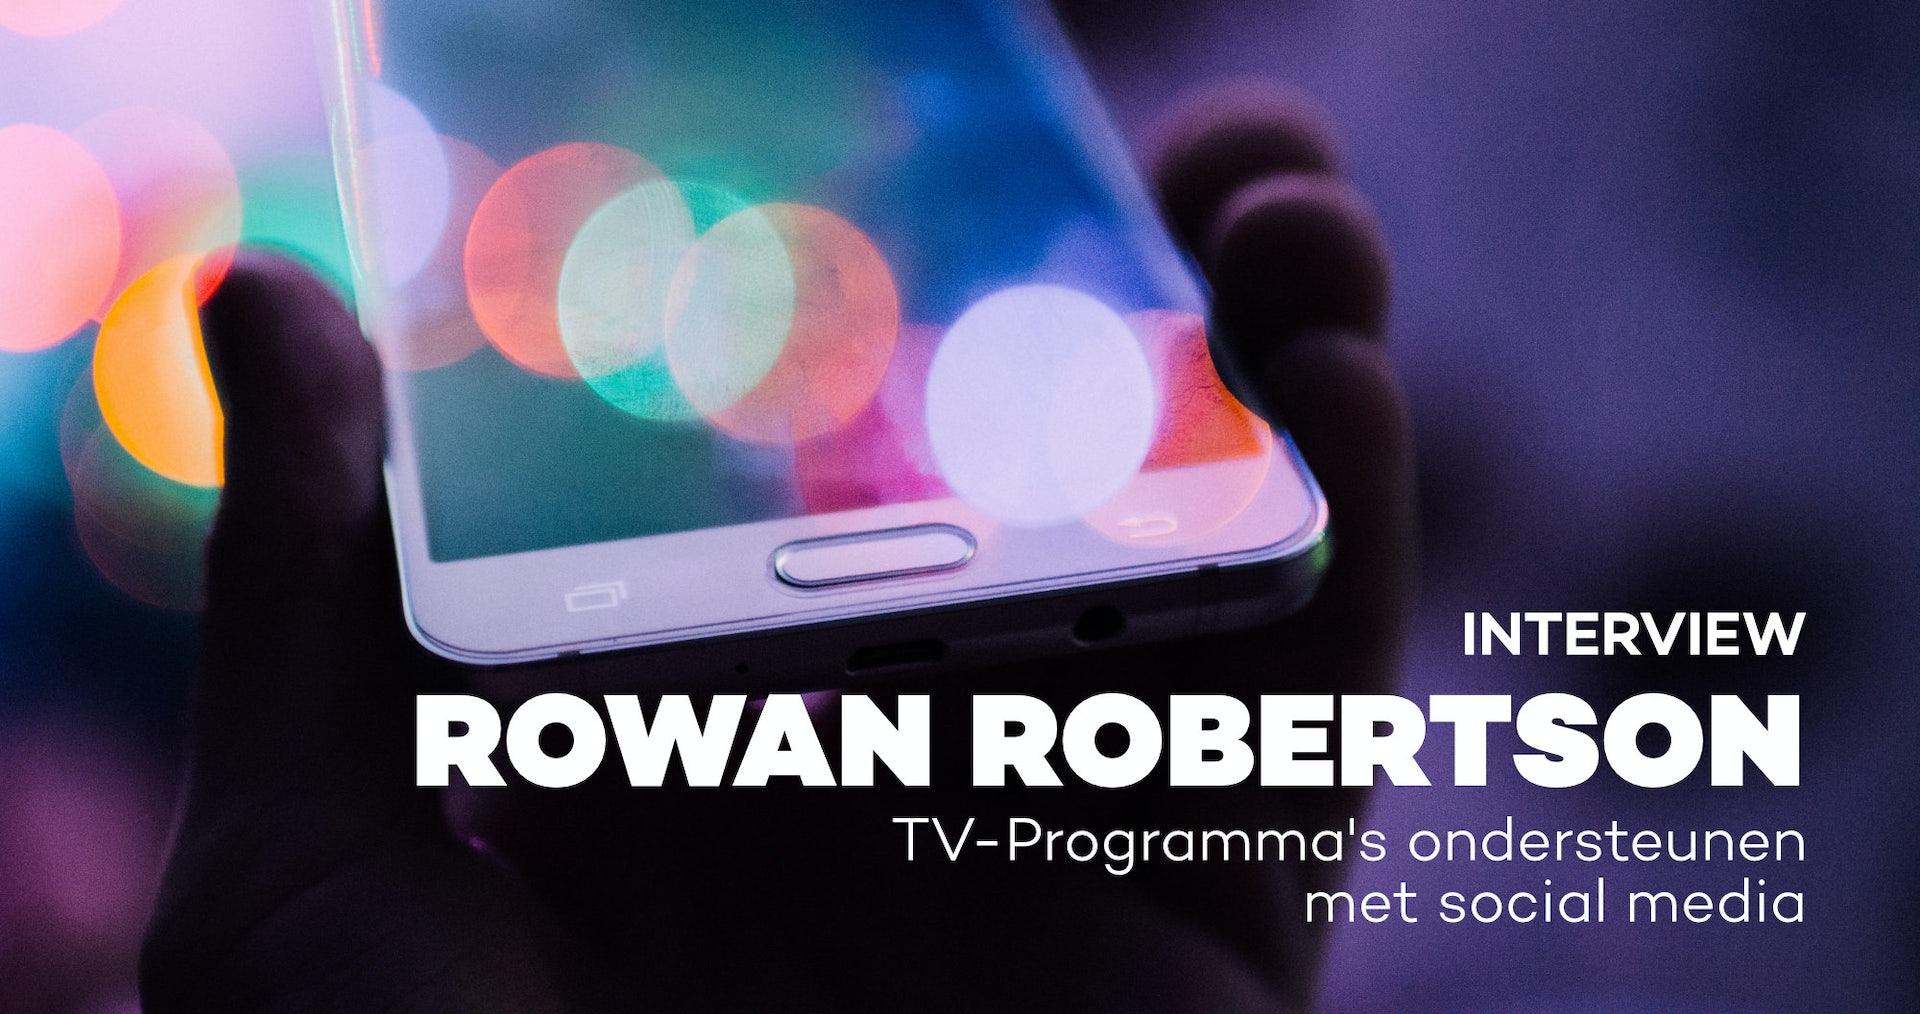 Tv-programma's ondersteunen met social media